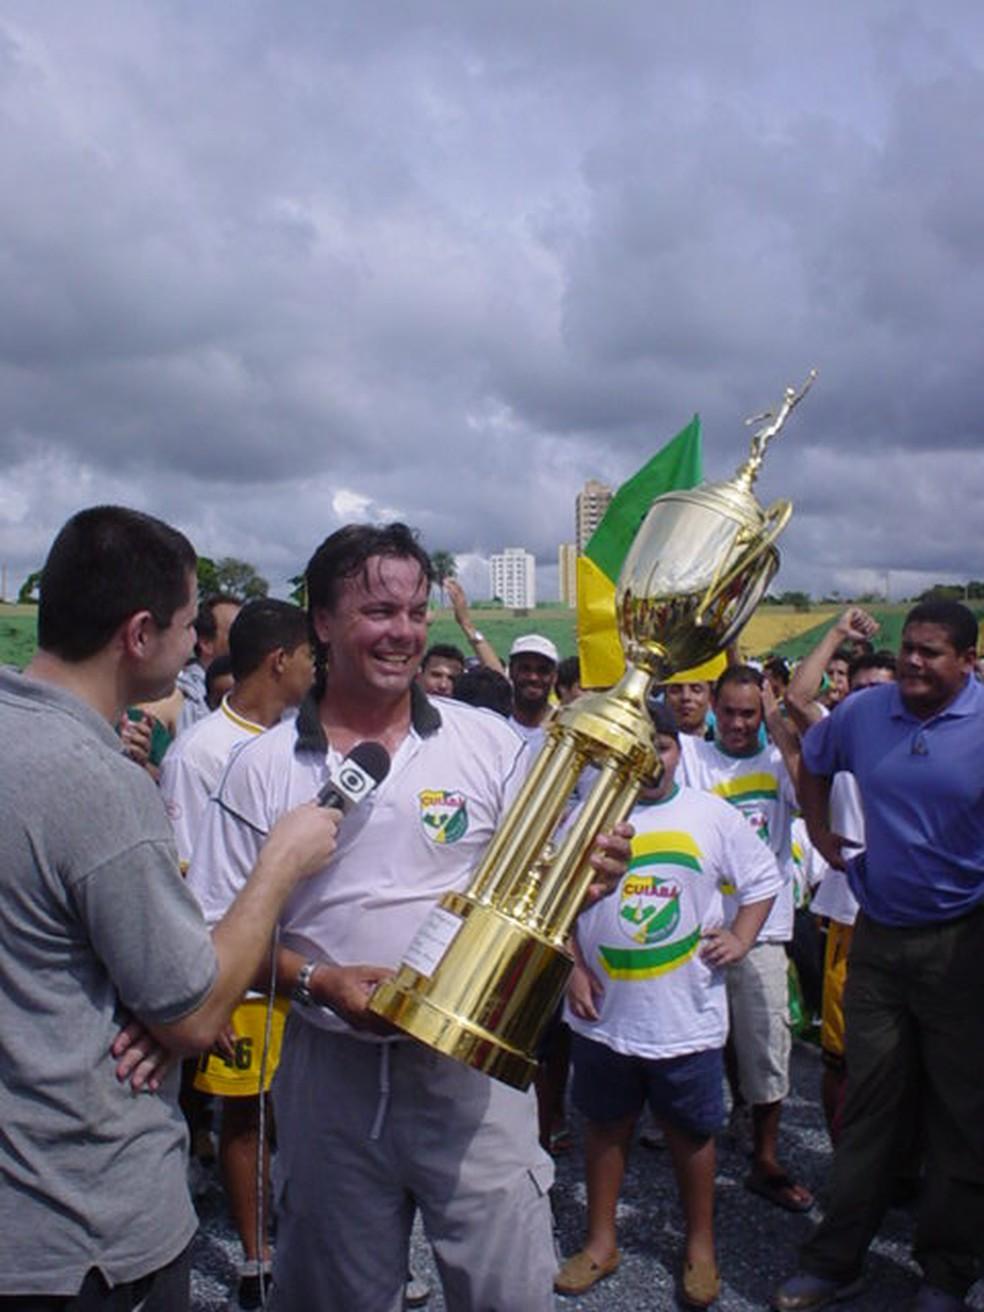 Gaúcho, ex-atacante do Flamengo, fundador do Cuiabá, com a taça de campeão estadual — Foto: GloboEsporte.com